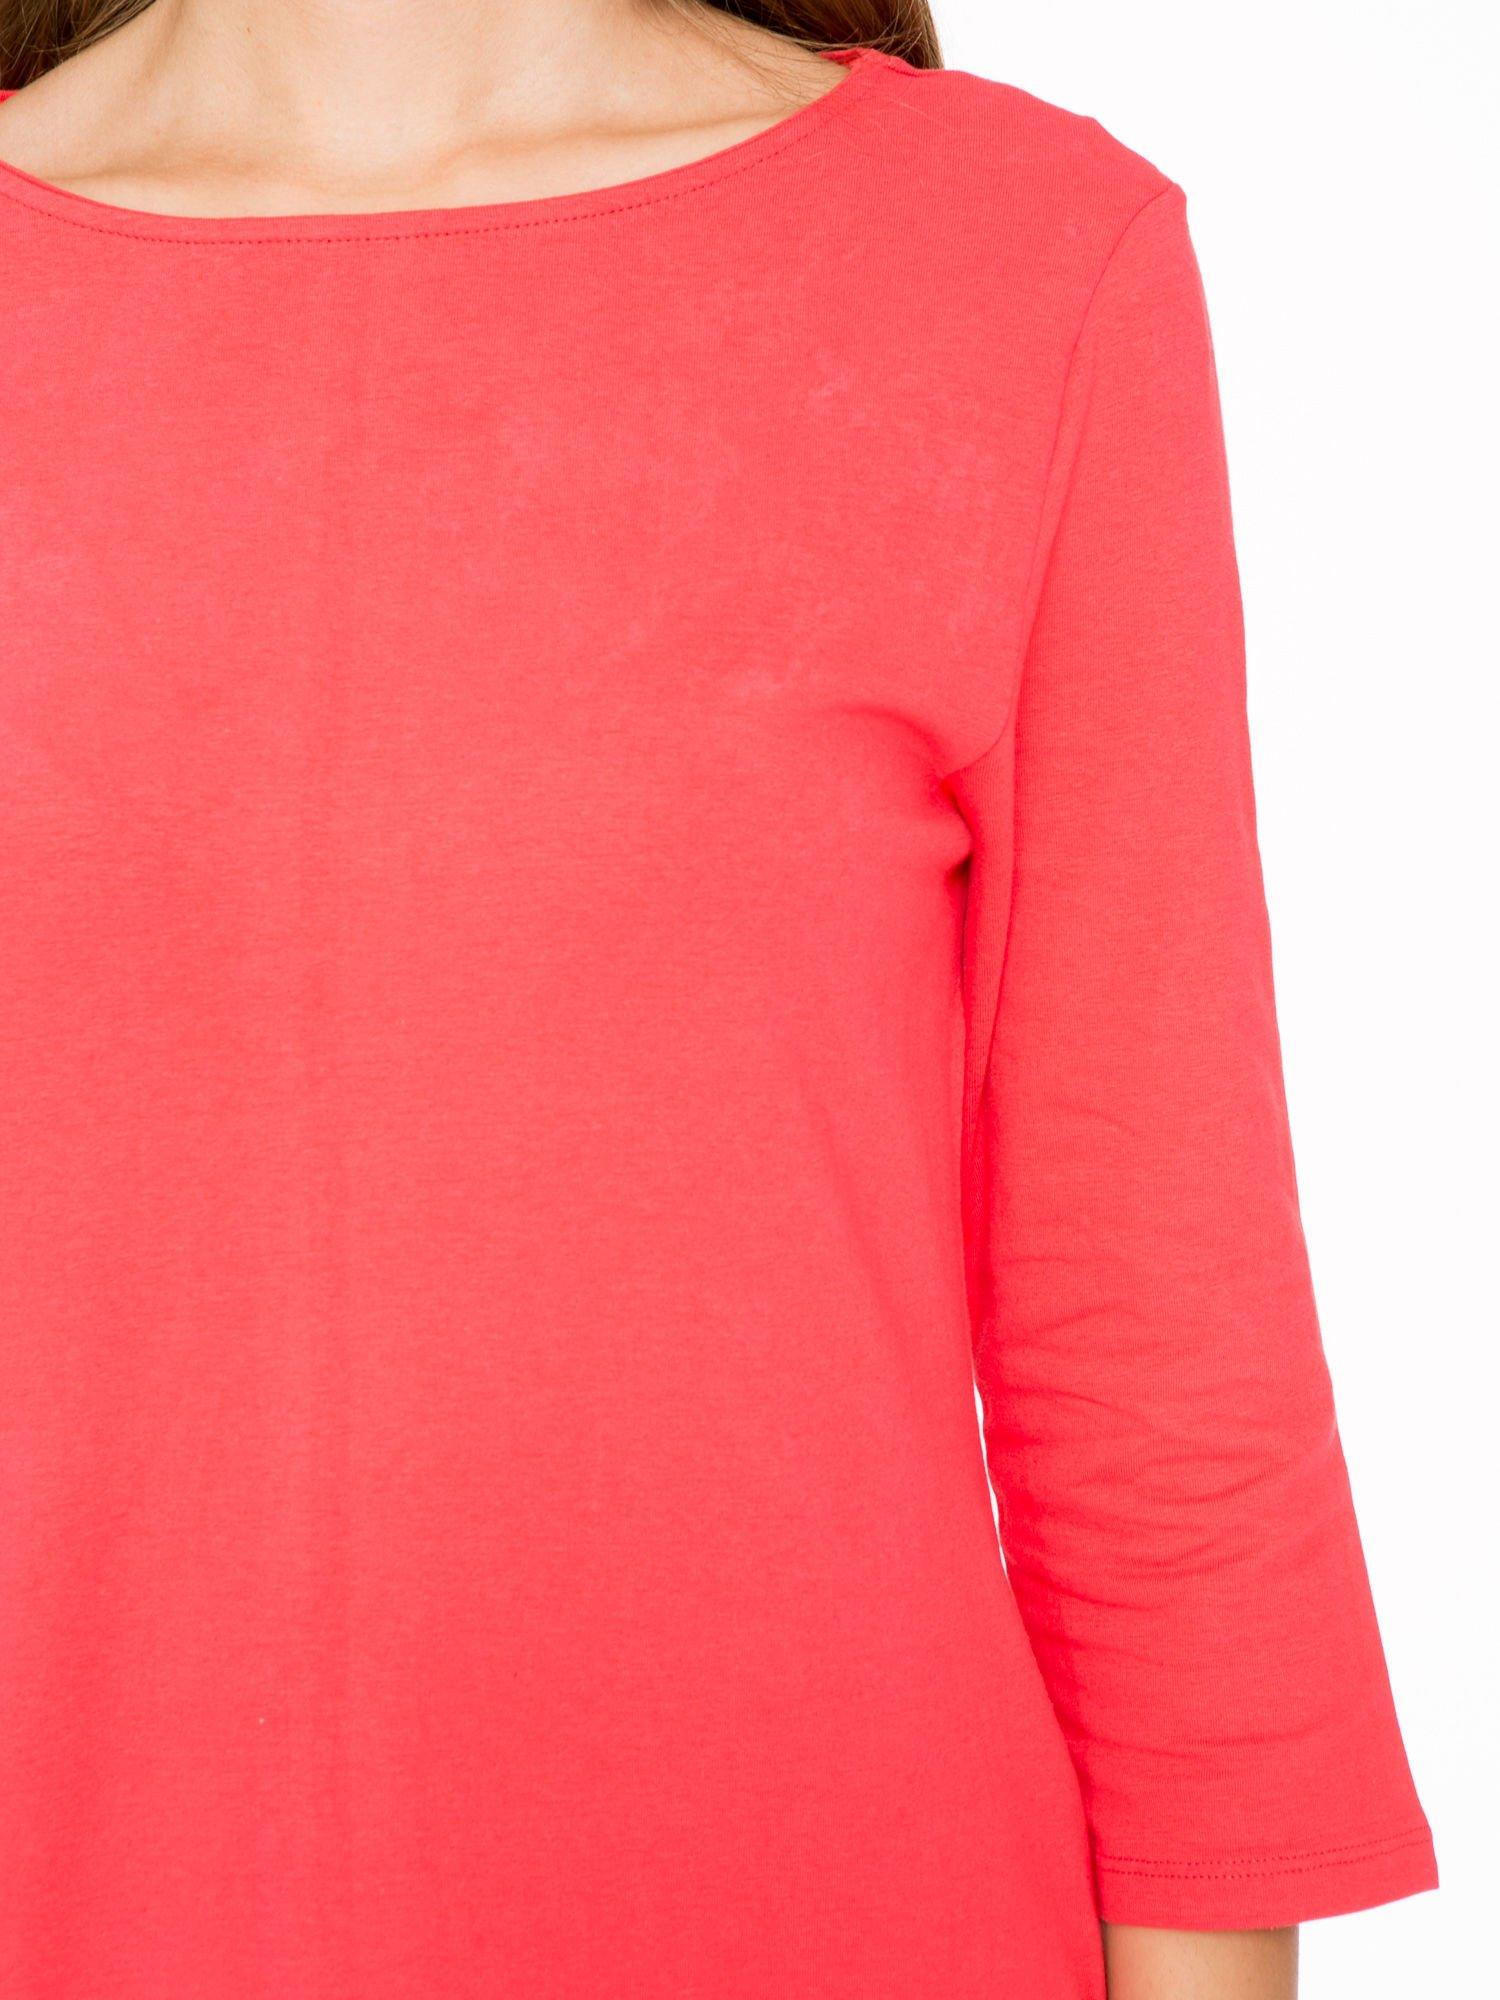 Ciemnokoralowa dresowa sukienka z kieszeniami po bokach                                  zdj.                                  6